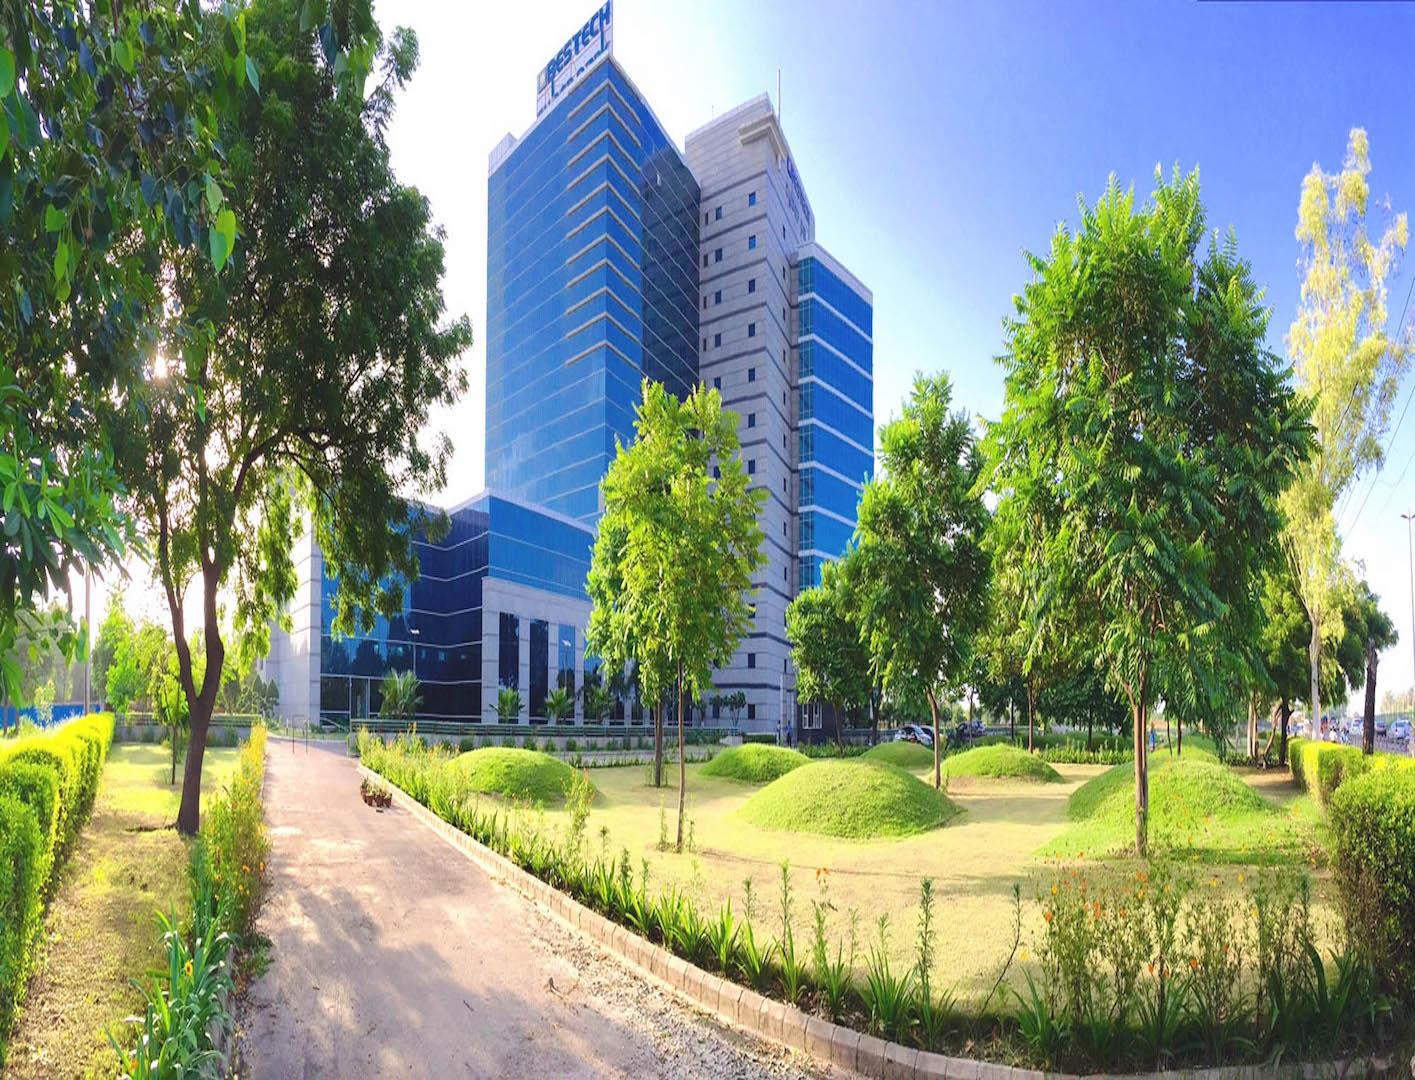 Bestech cyber park Gurgaon